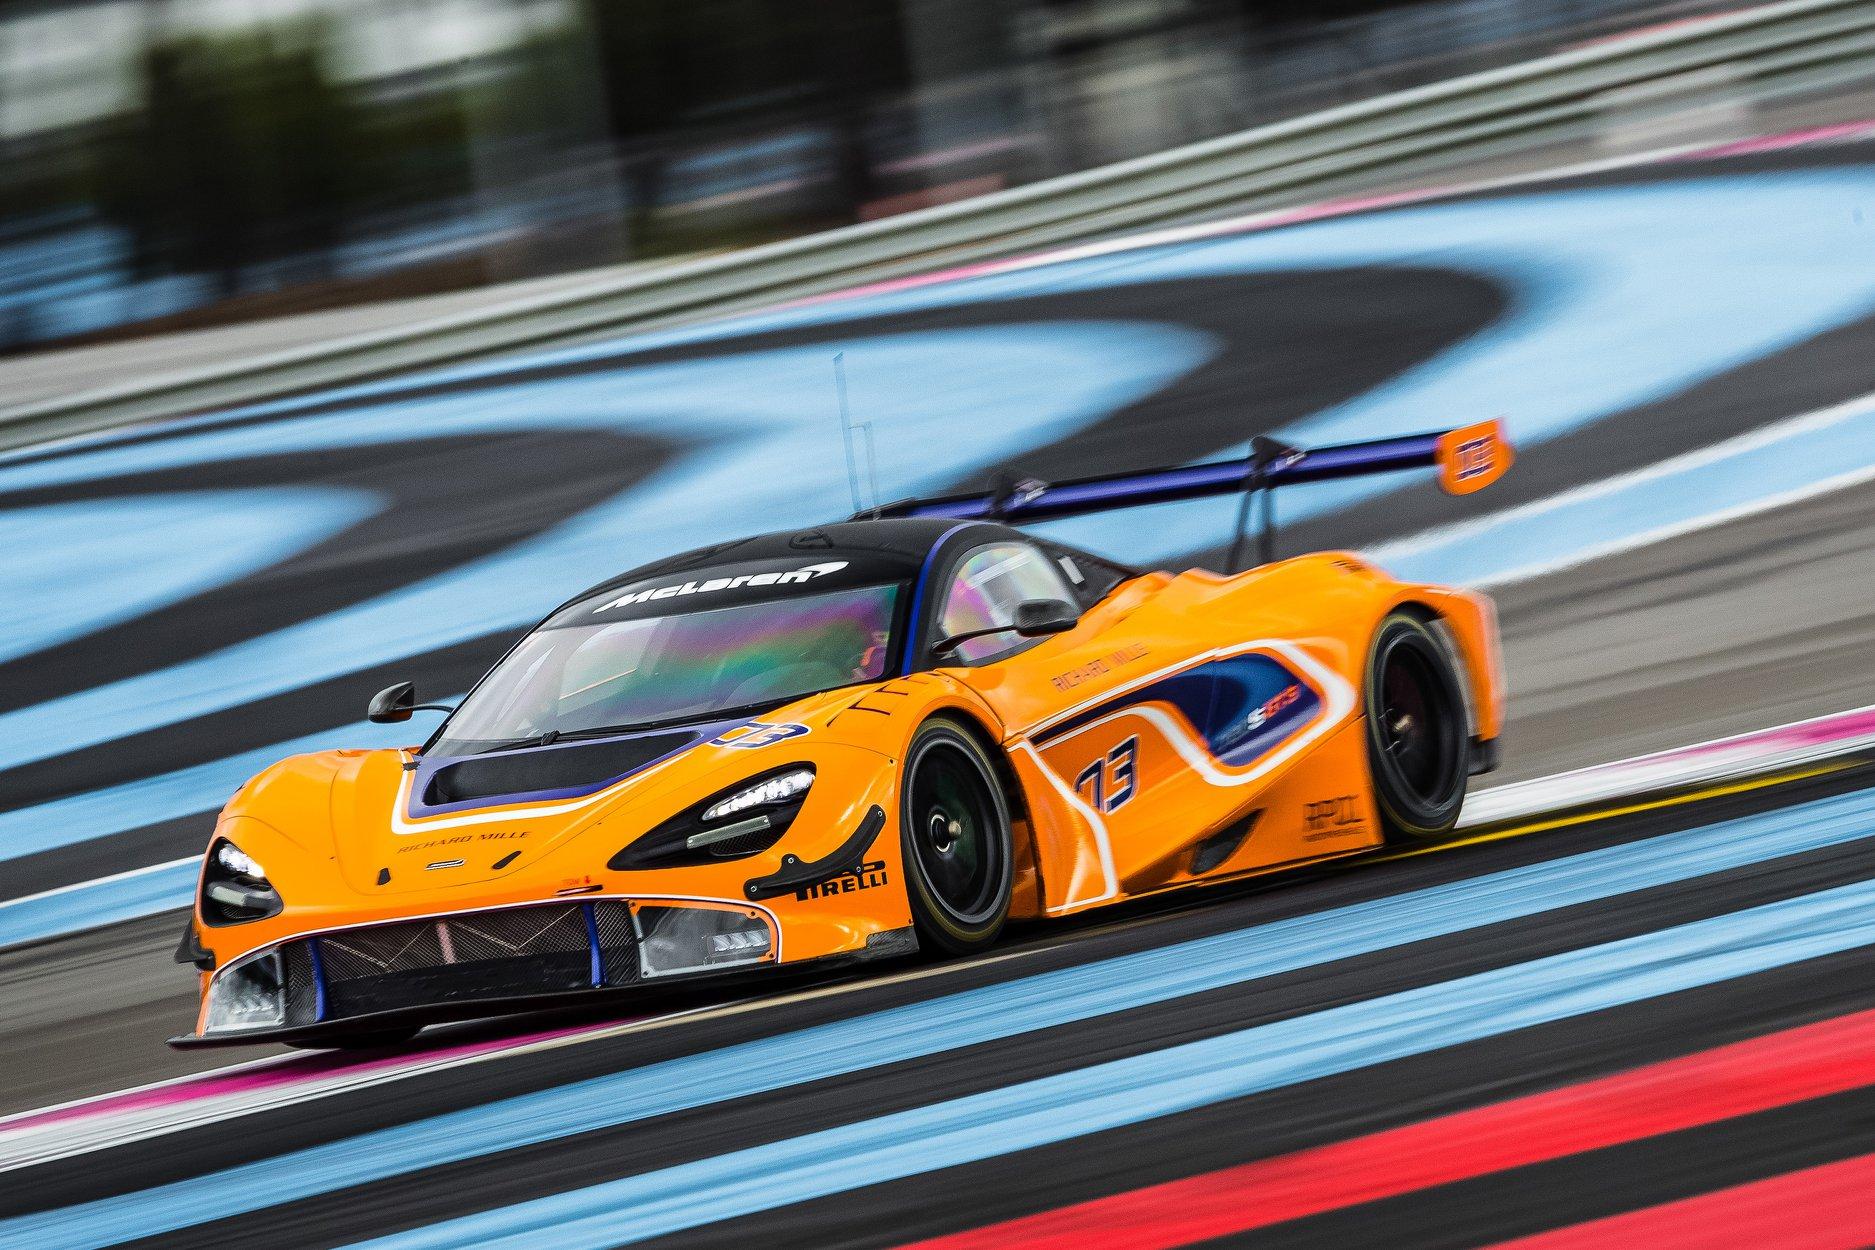 """O McLaren pode ser o próximo fabricante a entrar no IMSA. De acordo com o diretor do fabricante inglês, Dan Walmsley, as chances do novo 720s GT3, estrear na classe GTD do campeonato de endurance americano são grandes. O 570s GT4 estreou no Michelin Pilot Challenge em 2017, a versão GT3 deve estrear nas 12 horas da Gulf em Dezembro. Inicialmente programado para ser vendido para pequenos clientes, de acordo com Walmsley, nada impede do carro competir. """"A categoria em si abriu as portas para os pequenos fabricantes"""", disse Walmsley ao Sportscar365. """"Estamos trabalhando muito de perto com os caras da IMSA nos últimos dois anos com nossas corridas de carros GT4 na categoria GS."""" """"Do ponto de vista esportivo e também do ponto de vista do marketing automotivo, é o nosso maior mercado global de vendas de carros de rua, por isso é uma área fundamental para que possamos competir."""" """"Embora não tenhamos nos comprometido com nada ainda, o IMSA é um lugar que realmente sentimos que podemos correr o carro e mostrar bem, então estamos trabalhando muito para isso."""" De acordo com a reportagem do site Sportscar365, equipes como a Flying Lizard Motorsports e a Compass Racing, seriam as primeiras a competir com o novo GT3. Essas informações não foram confirmadas pelo dirigente da McLaren. """"É bem provável que tenhamos um carro de corrida na América do Norte"""", disse ele. """"Pelo menos um. Somos uma empresa ambiciosa. Queremos ter algumas boas corridas por lá, então a meta é mais do que uma e com parceiros competitivos."""" """"Também observamos com interesse a evolução do Pirelli World Challenge no novo formato e estrutura com o SRO. Estamos observando com interesse e a América é um mercado chave para nós e esperamos nos sair muito bem em ambos os campeonatos""""."""